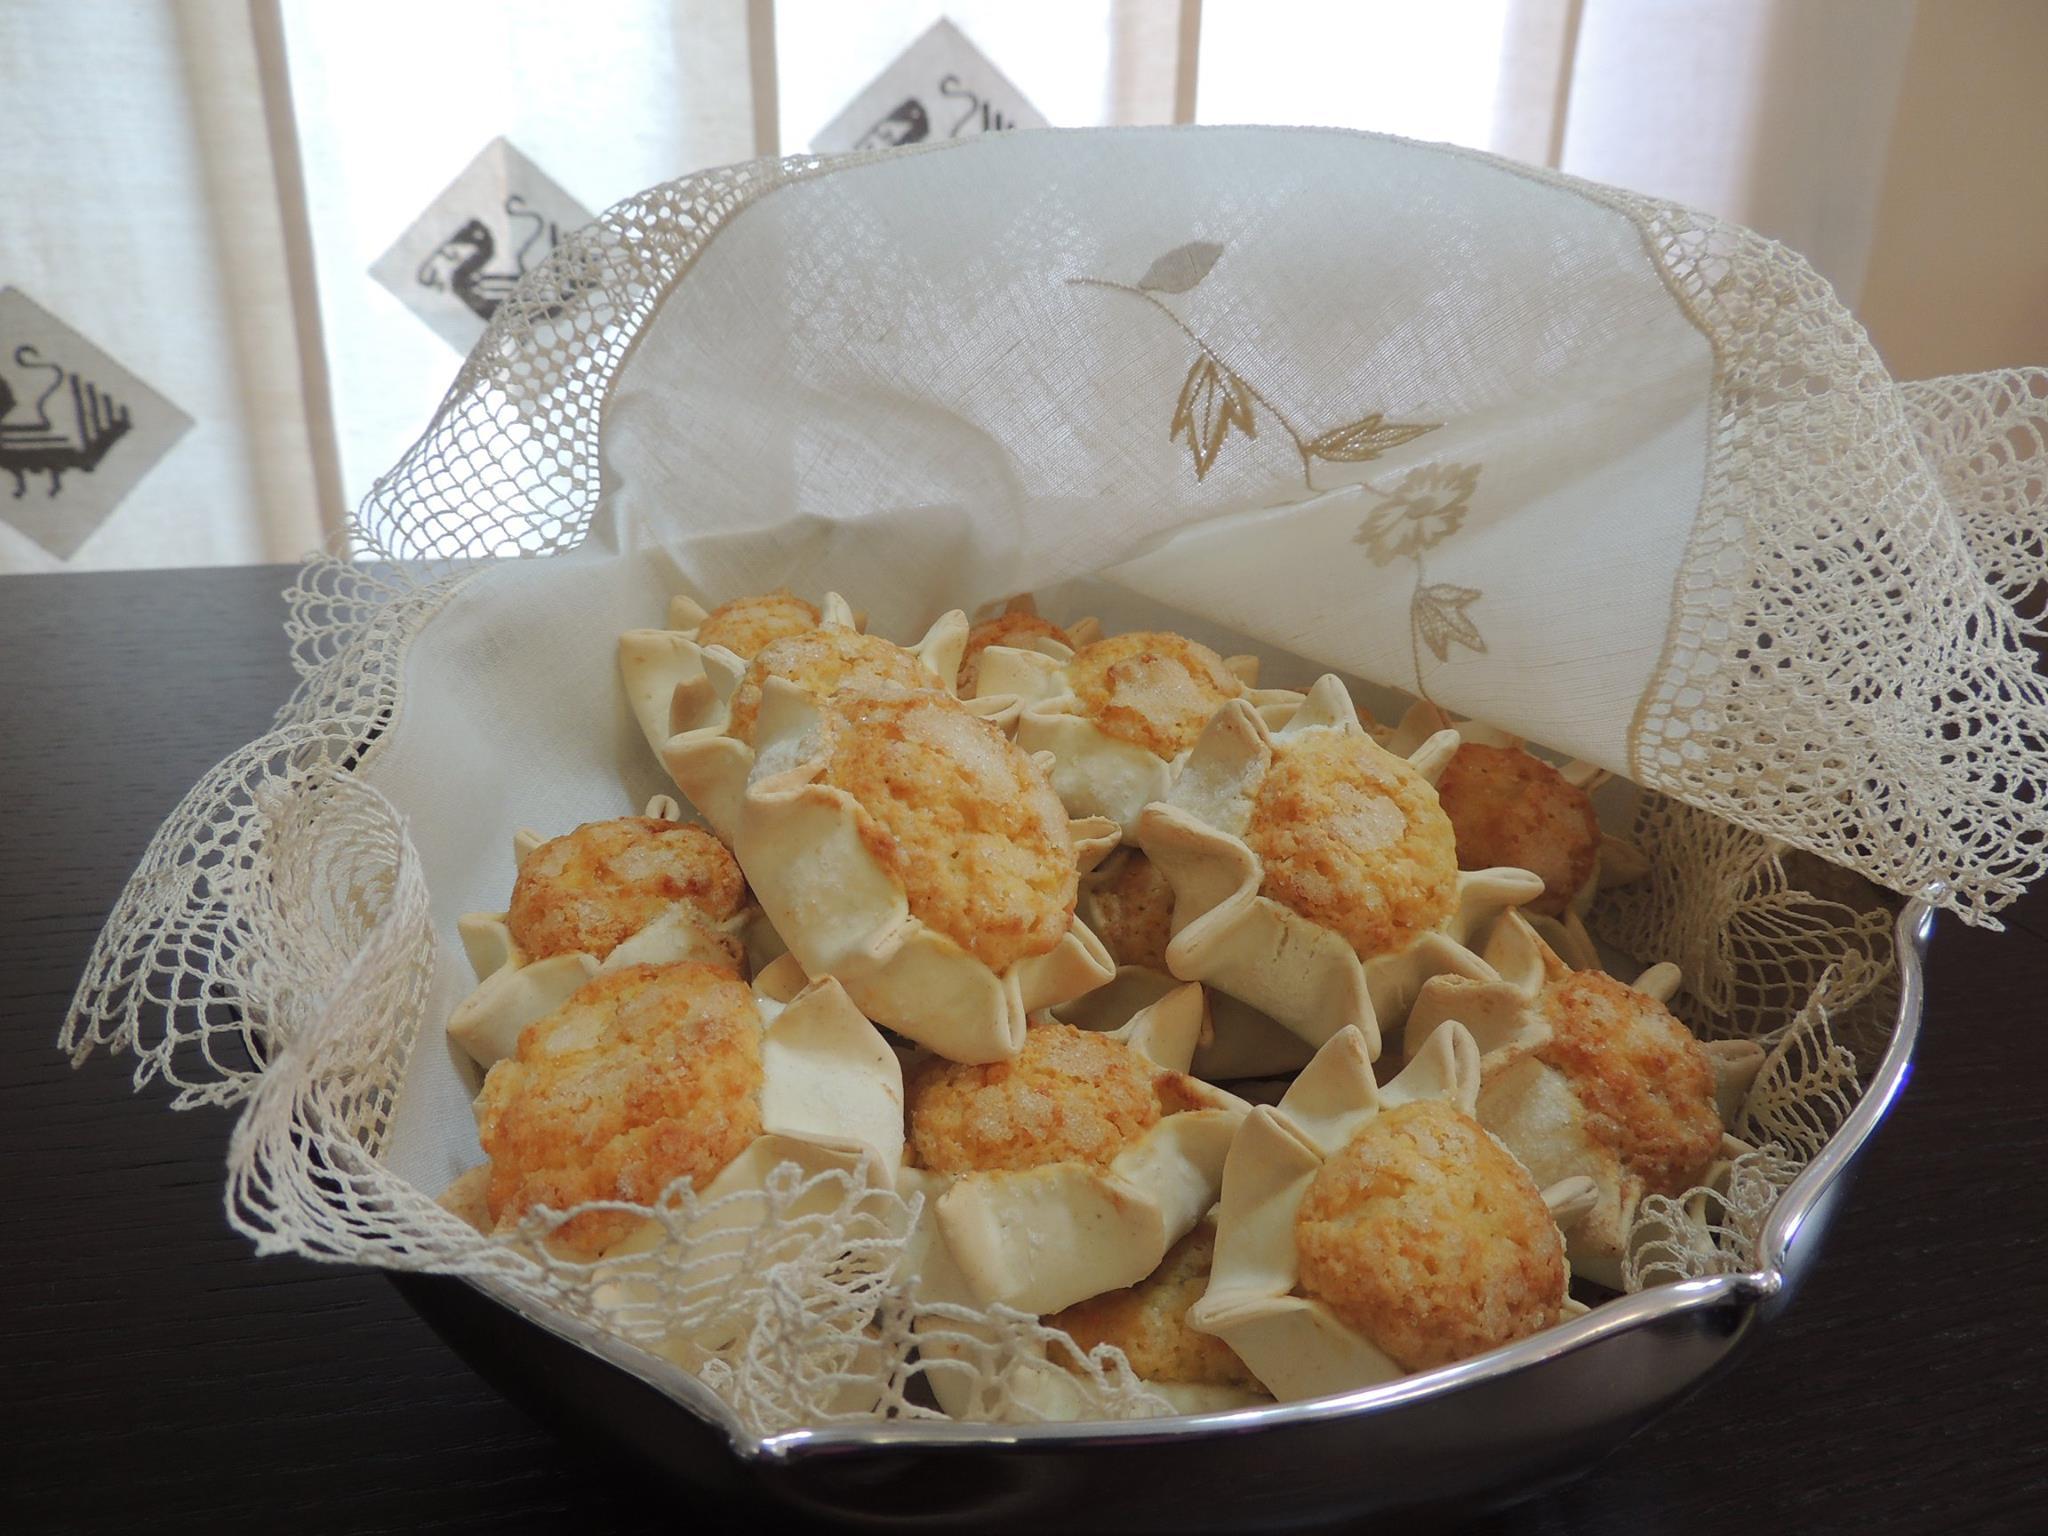 Seadas :  La  forma a  stella della pasta racchiude un impasto morbido a base di formaggio fresco (Casu e mattula), uova e farina.